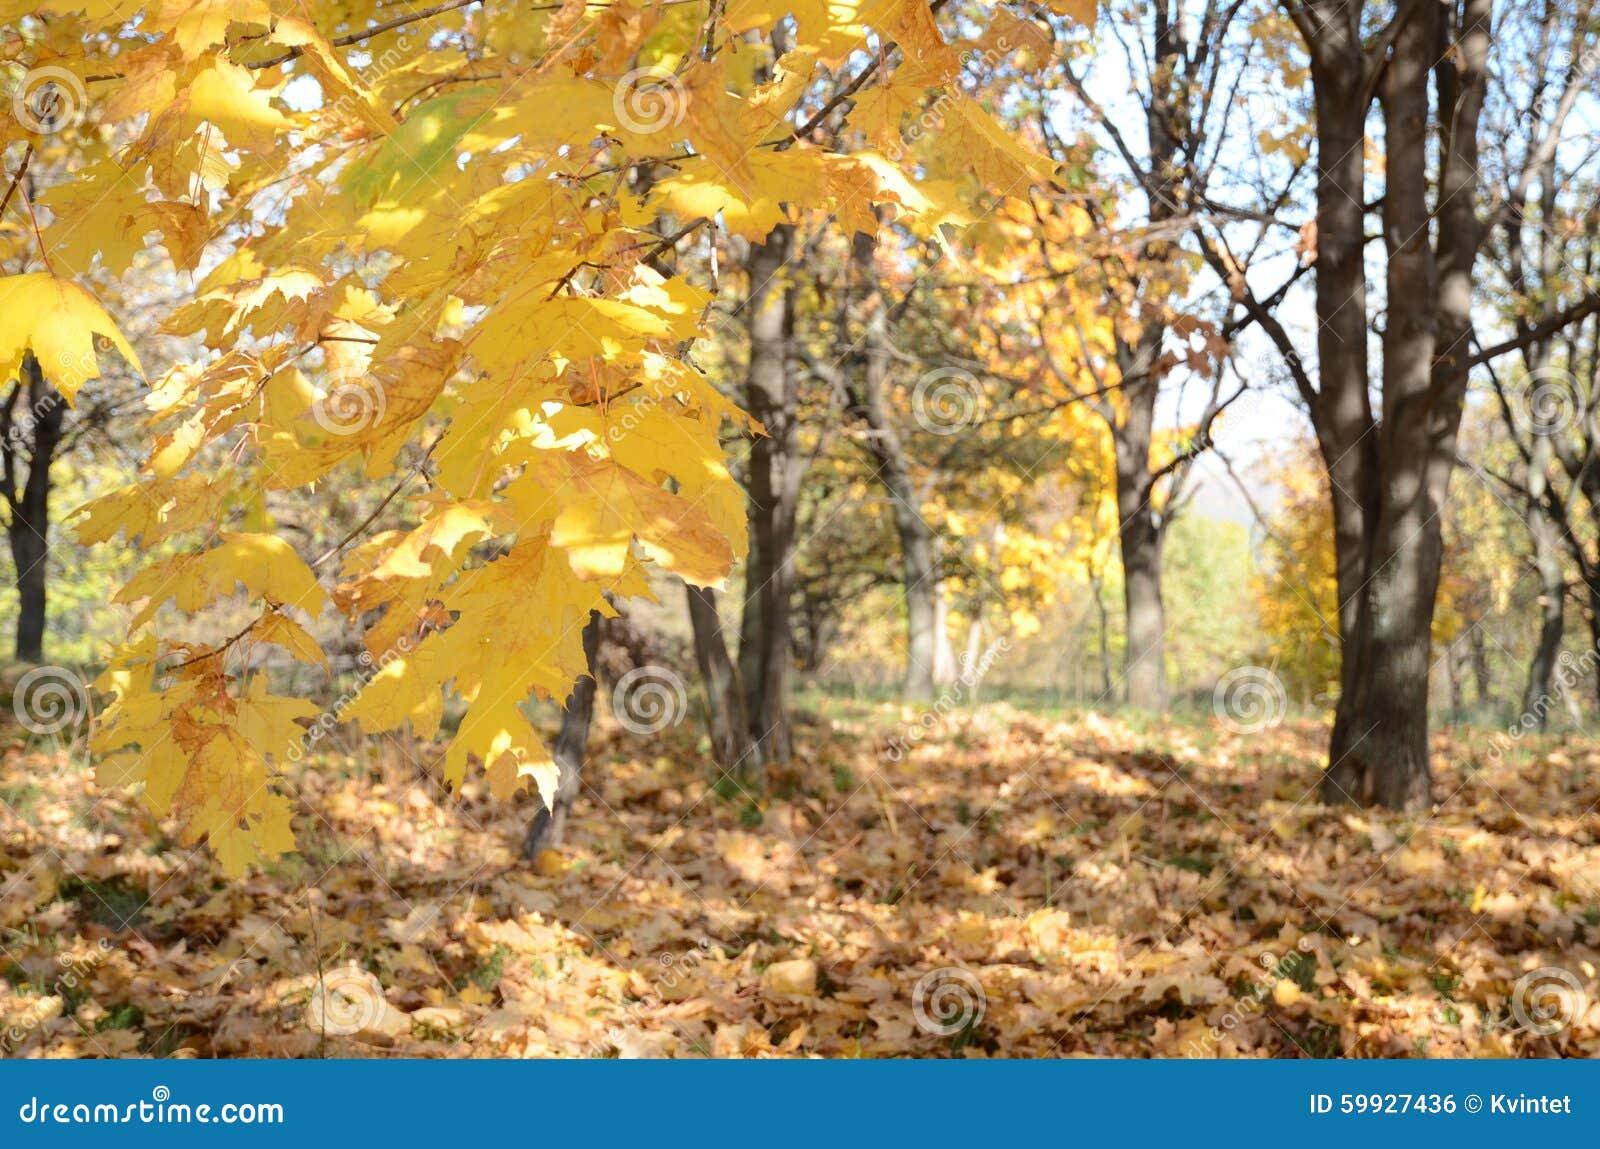 Abstracte achtergrond met gele esdoornbladeren in de herfstbos in de wildernis